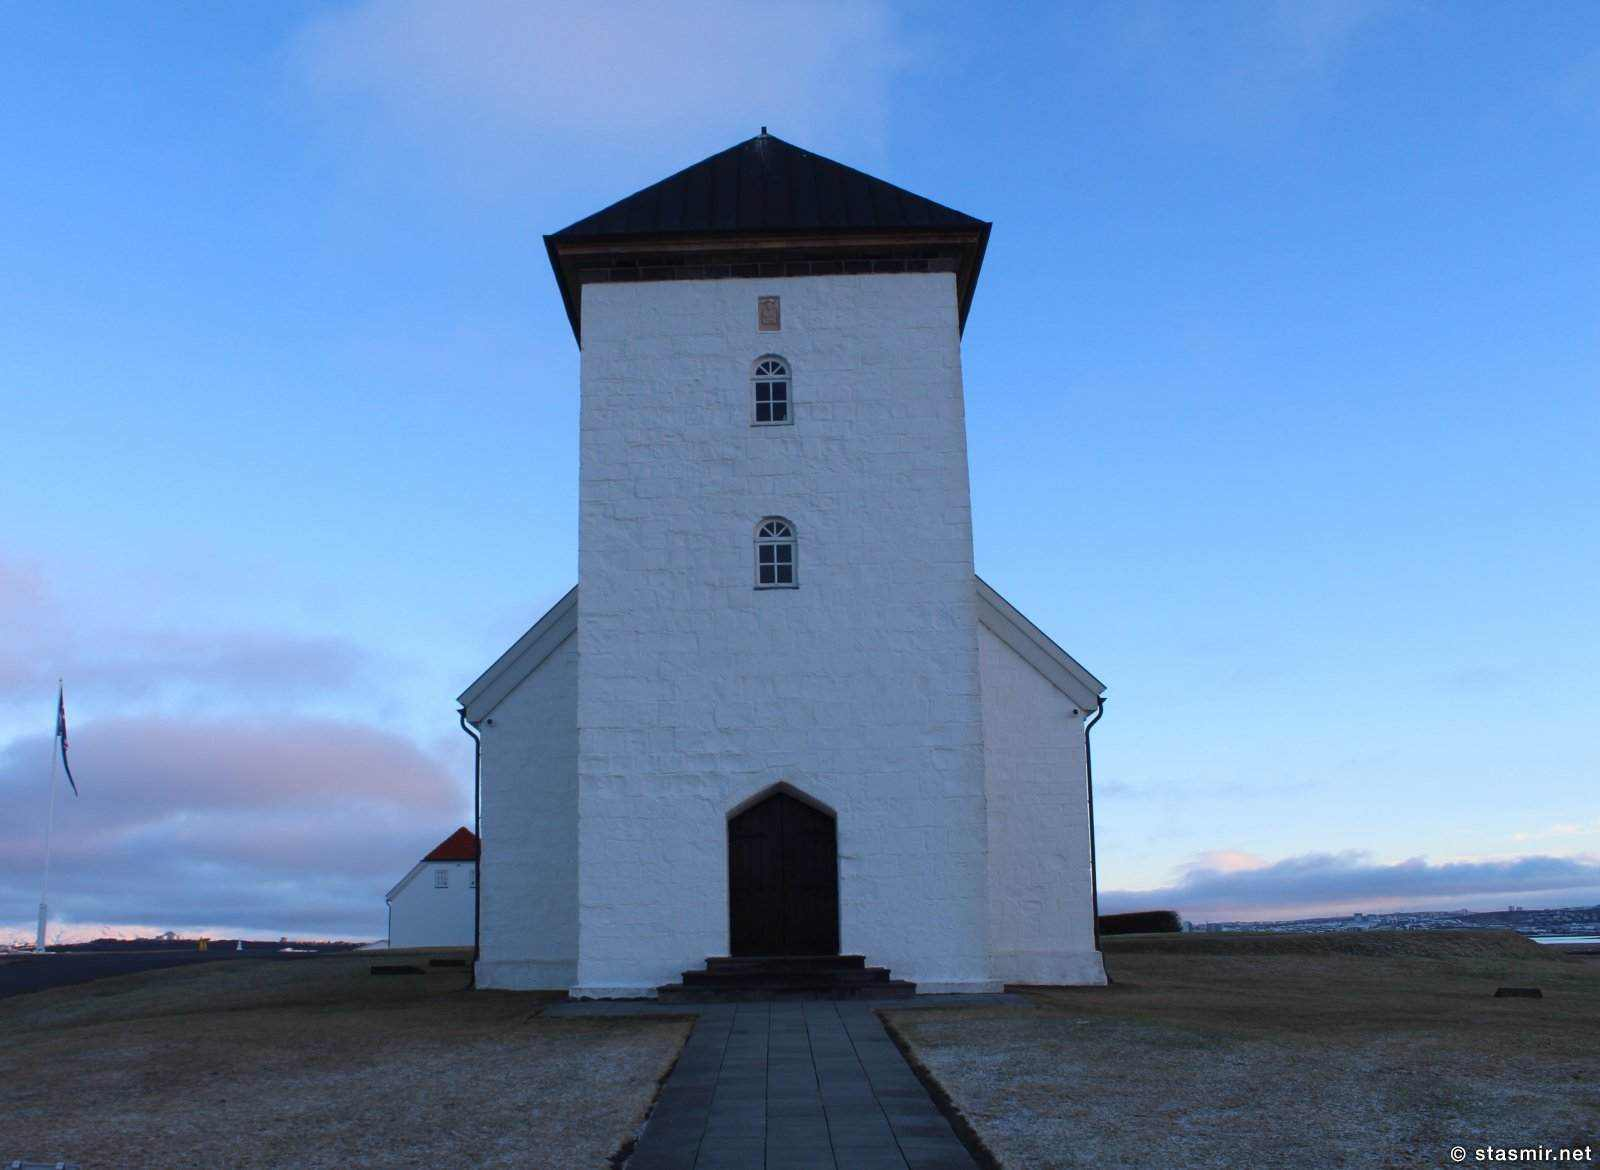 Каменная церковь в Бессастадир - официальной резиденции президентов Исландии, фото Стасмир, Photo Stasmir, Bessastaðir church